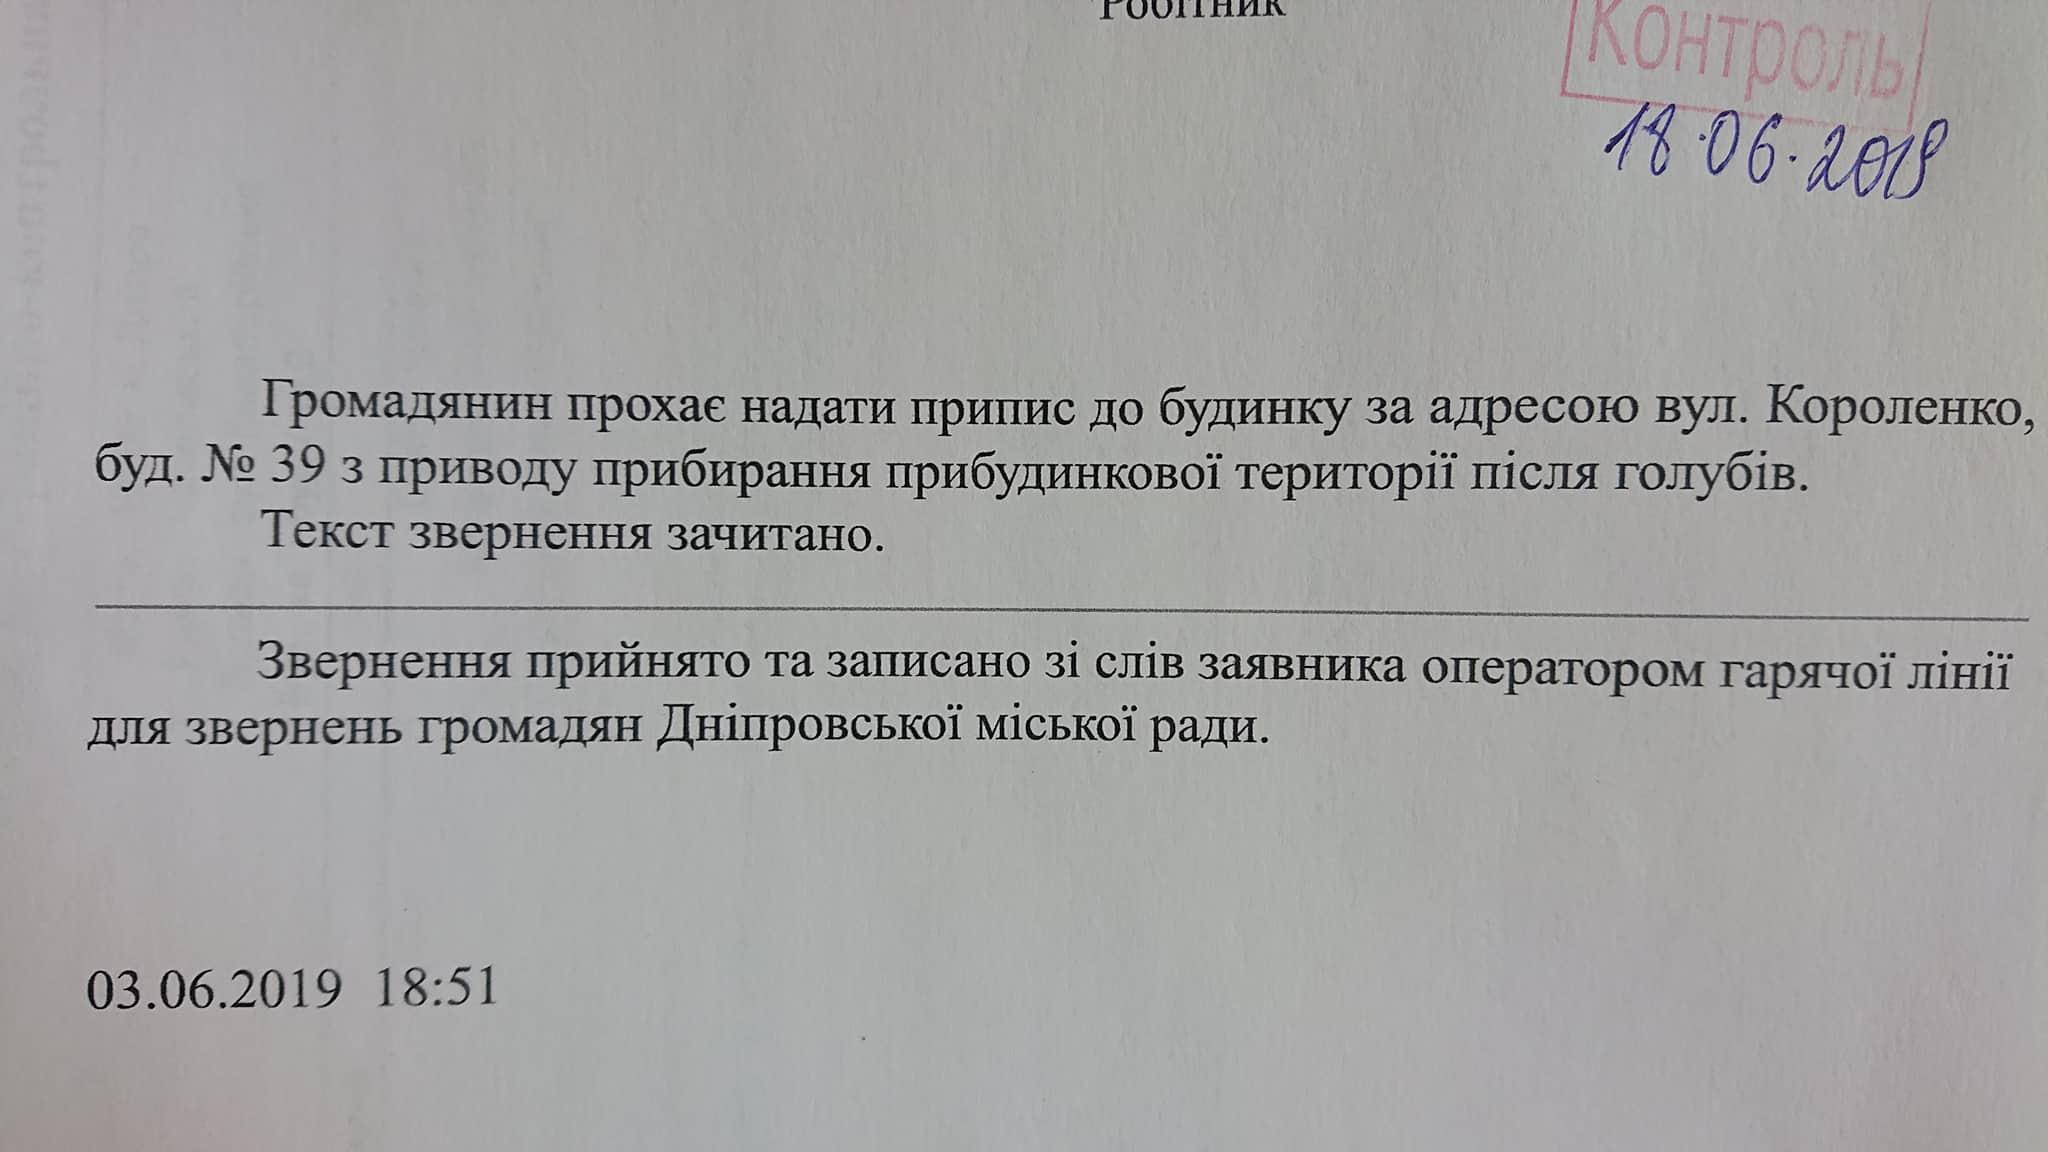 «Ничего нового»: как заммэра Лысенко «заставляют» решать проблемы голубиного помета. Новости Днепра